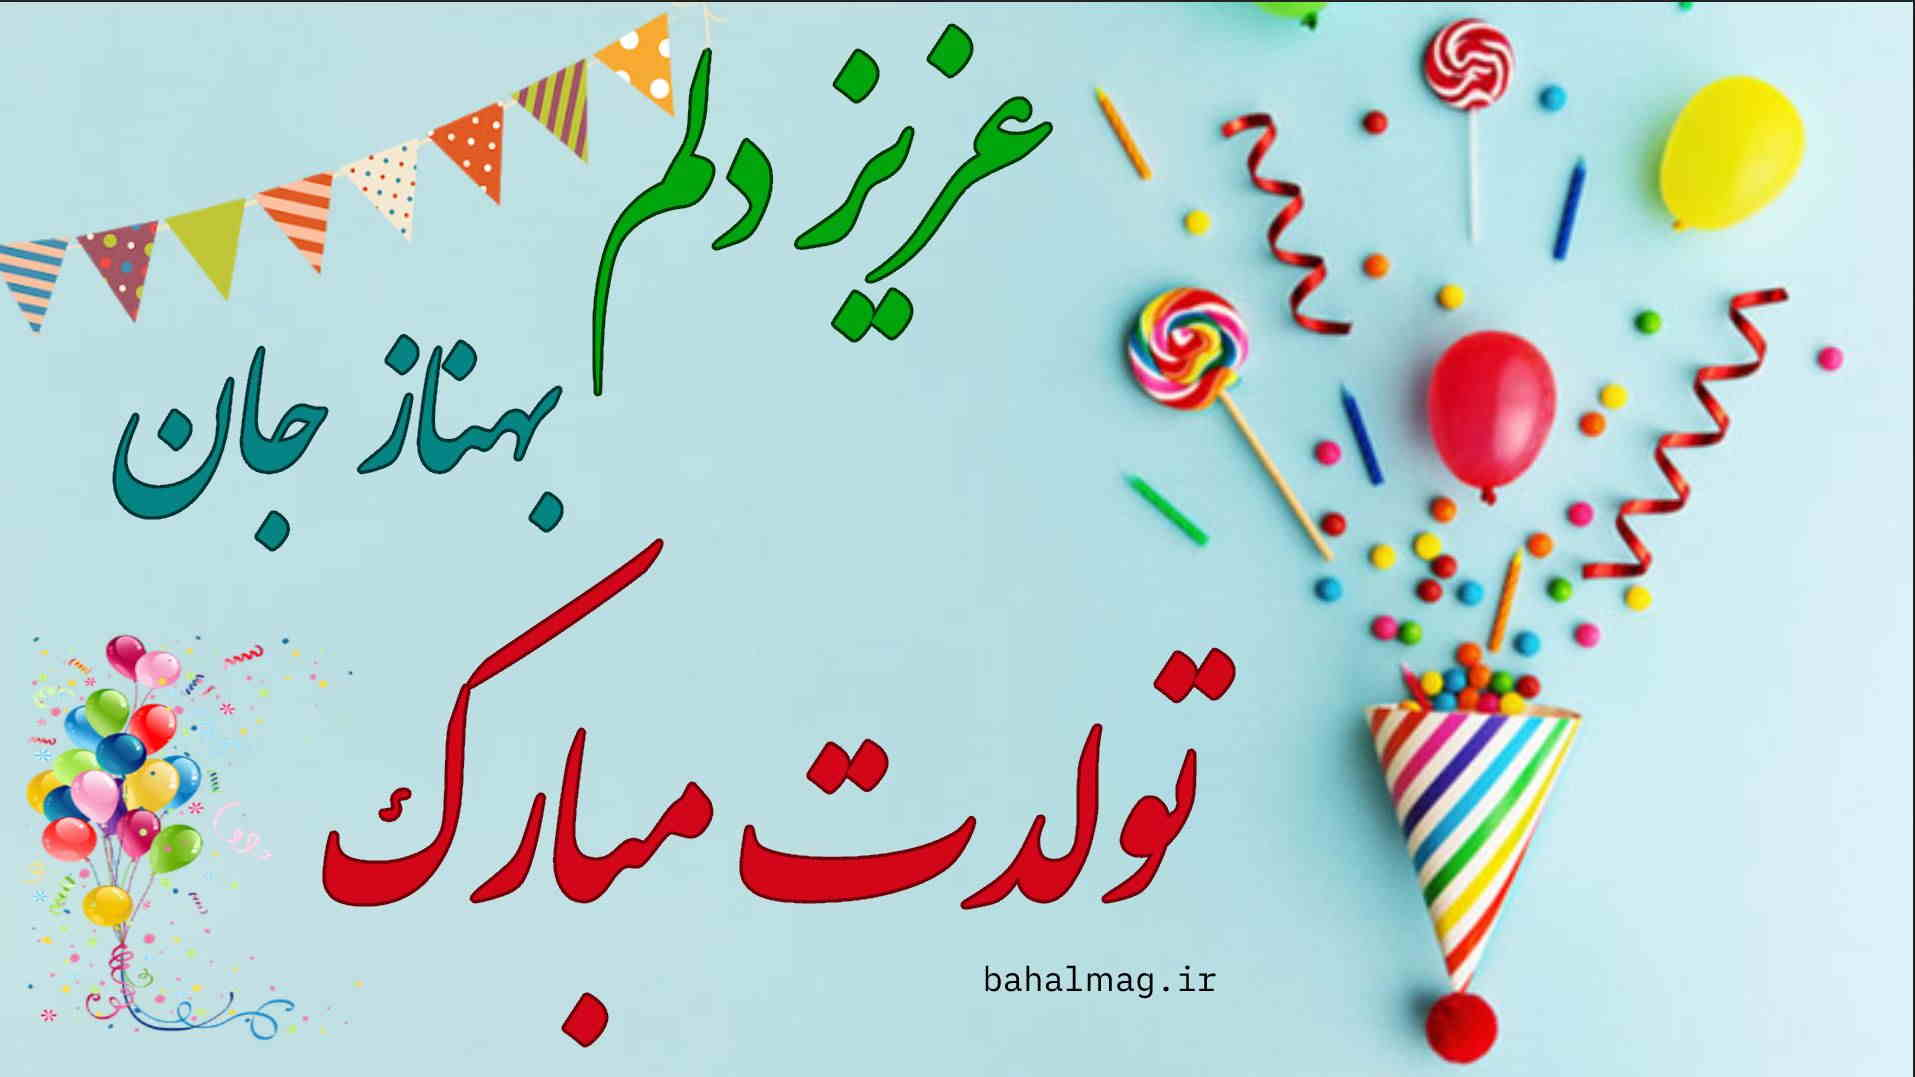 عزیز دلم بهناز تولدت مبارک